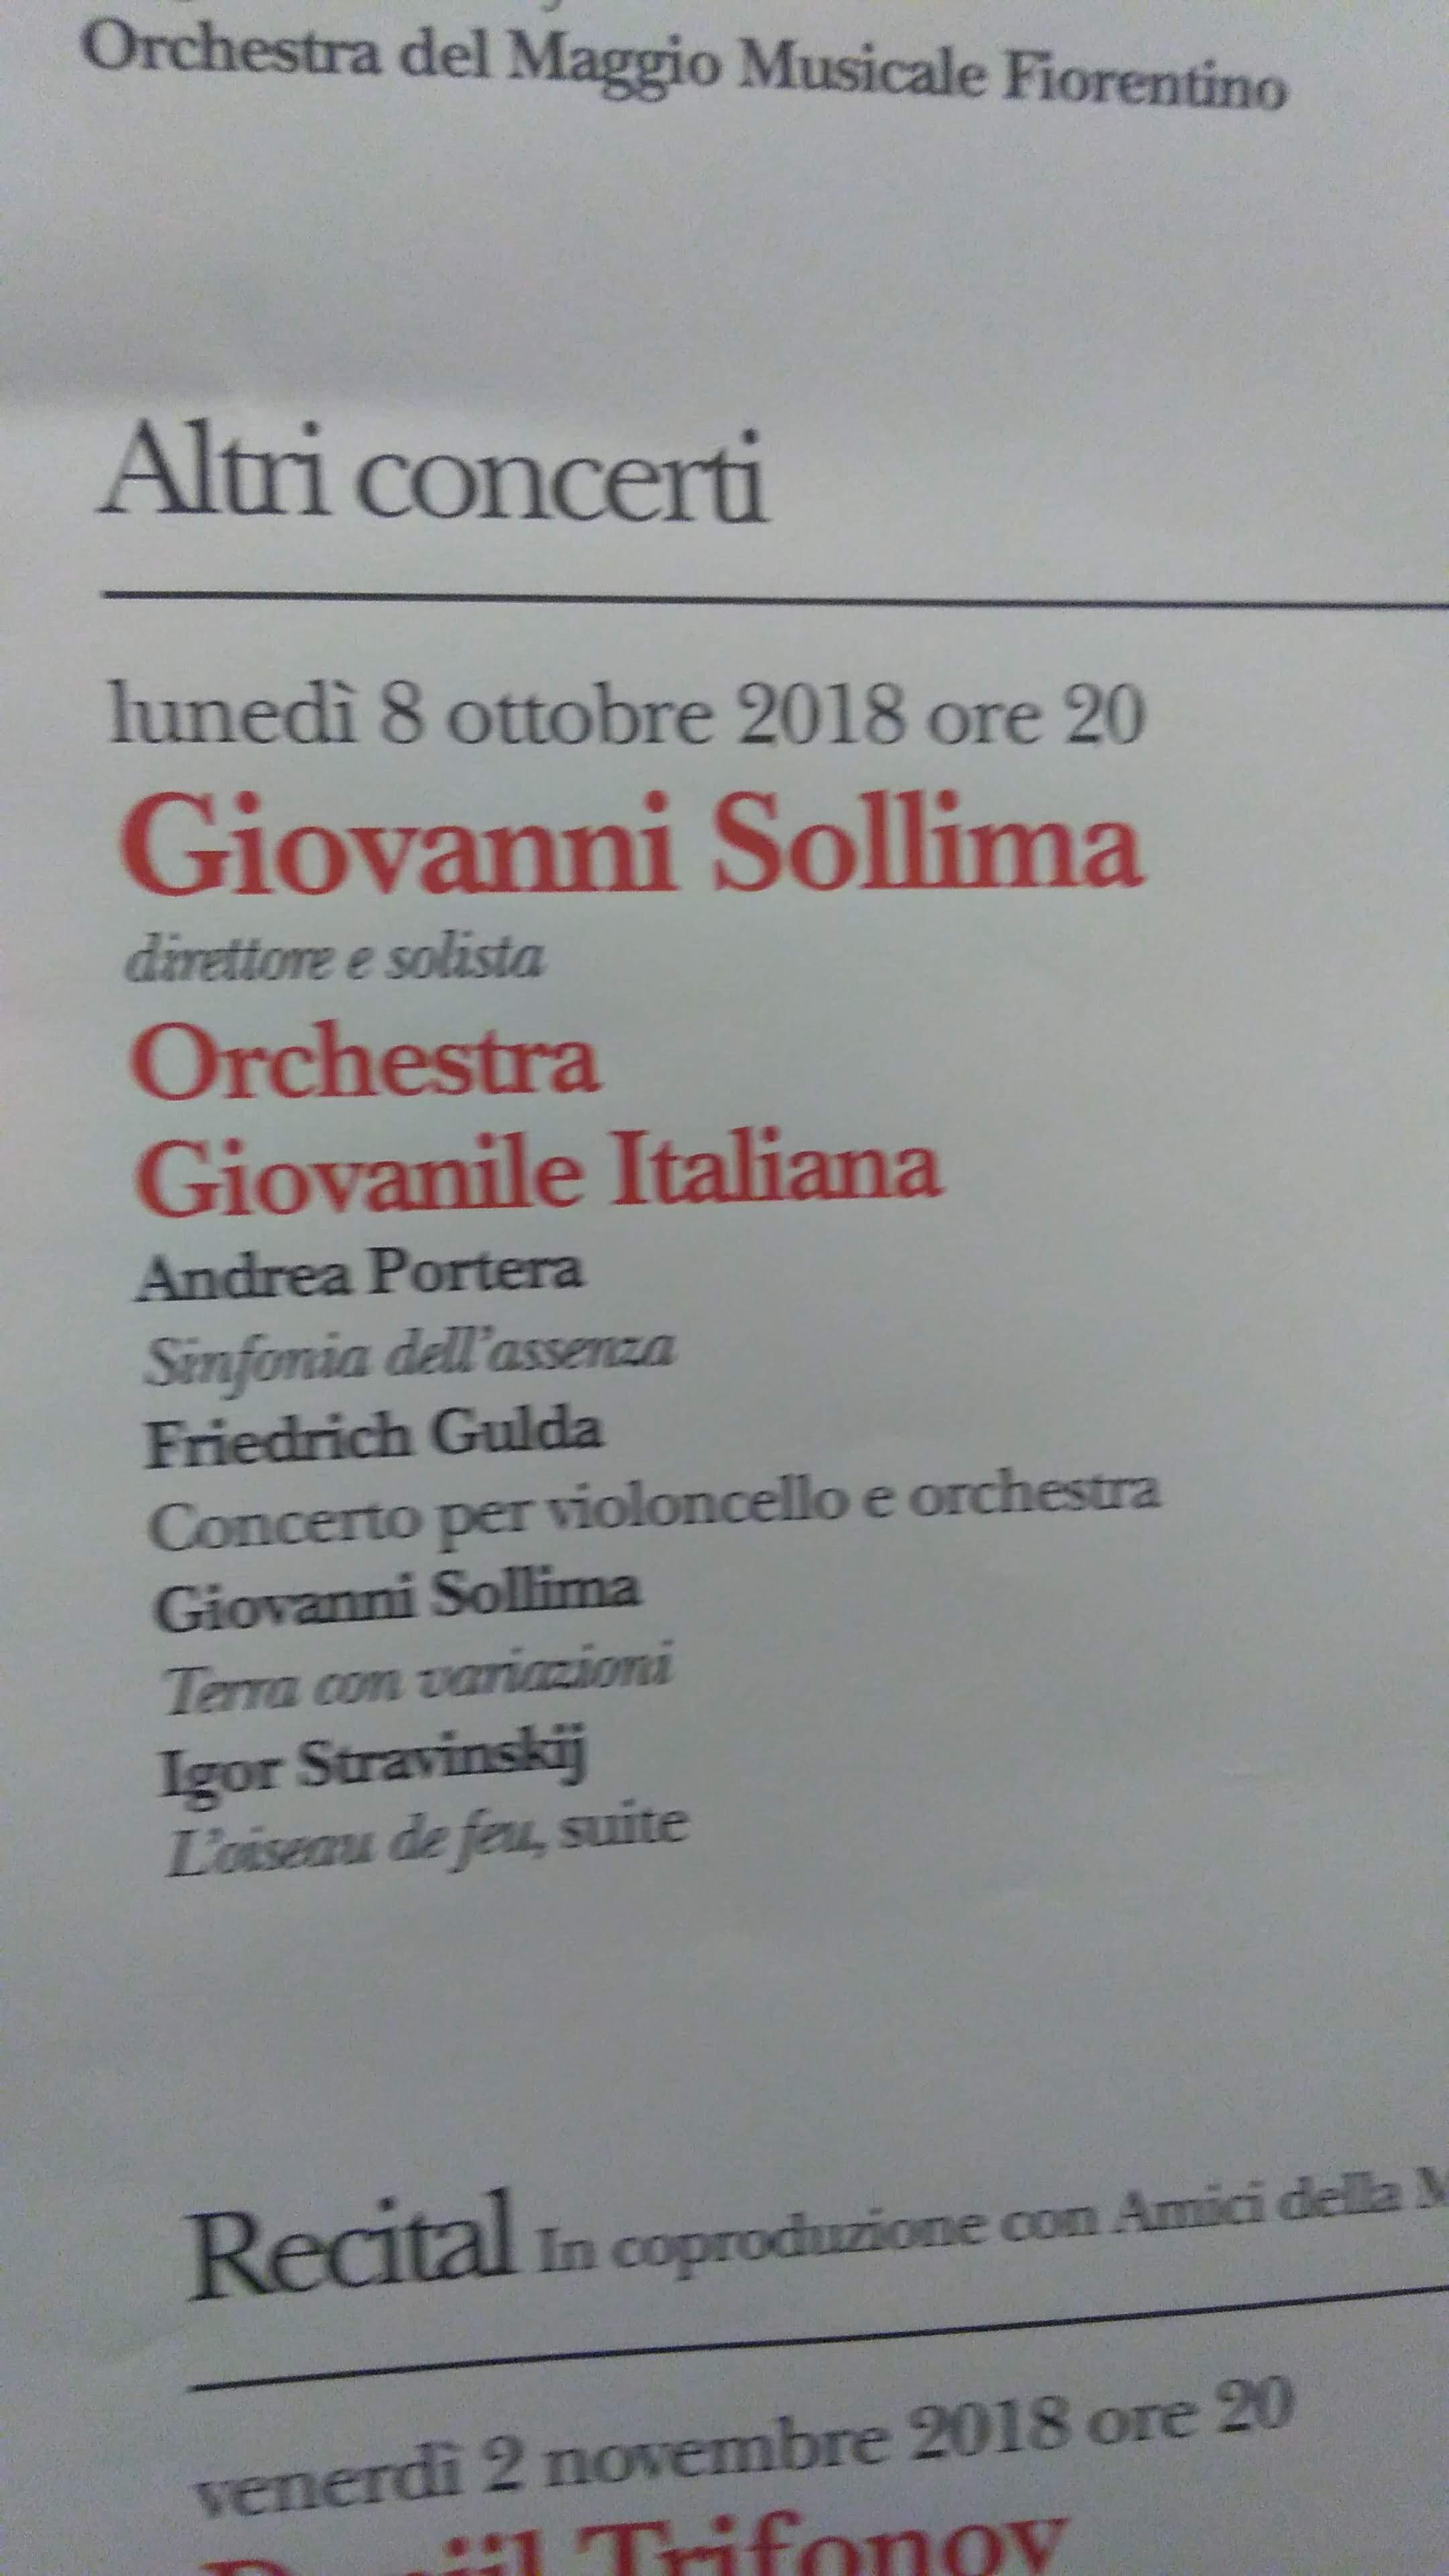 Registrazione della Sinfonia dell'Assenza (Portera – Sollima)